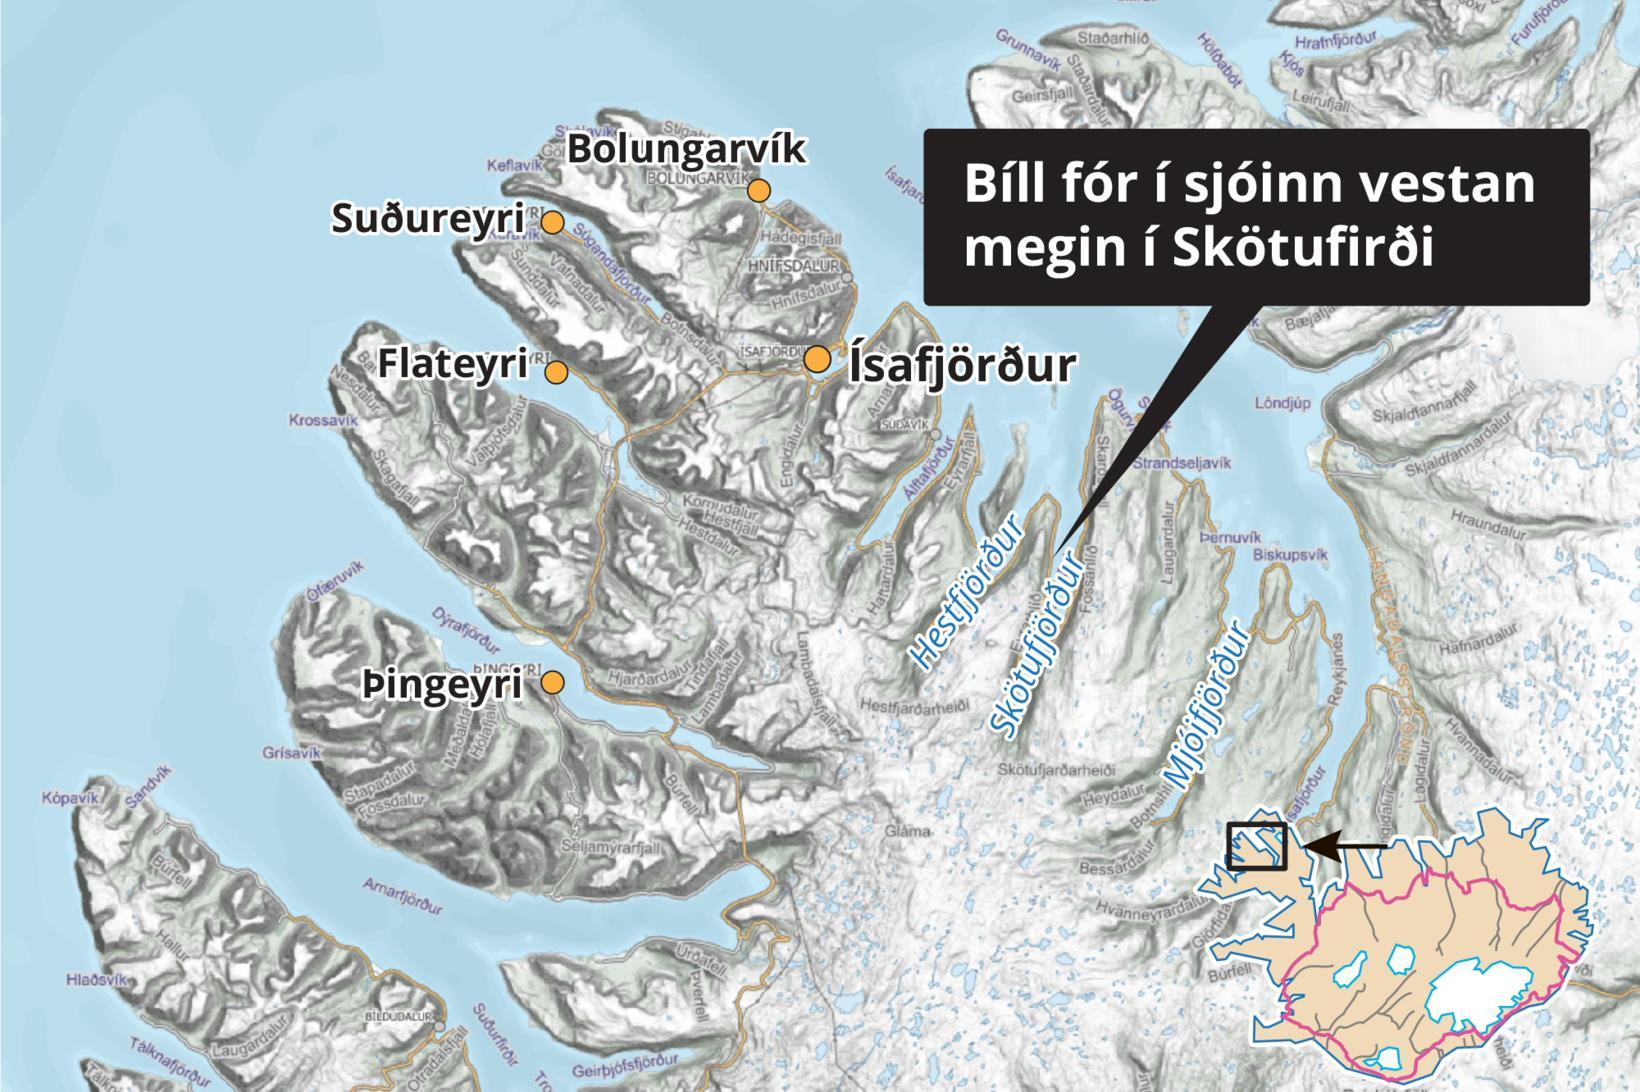 Bíll hafnaði í sjónum í Skötufirði.